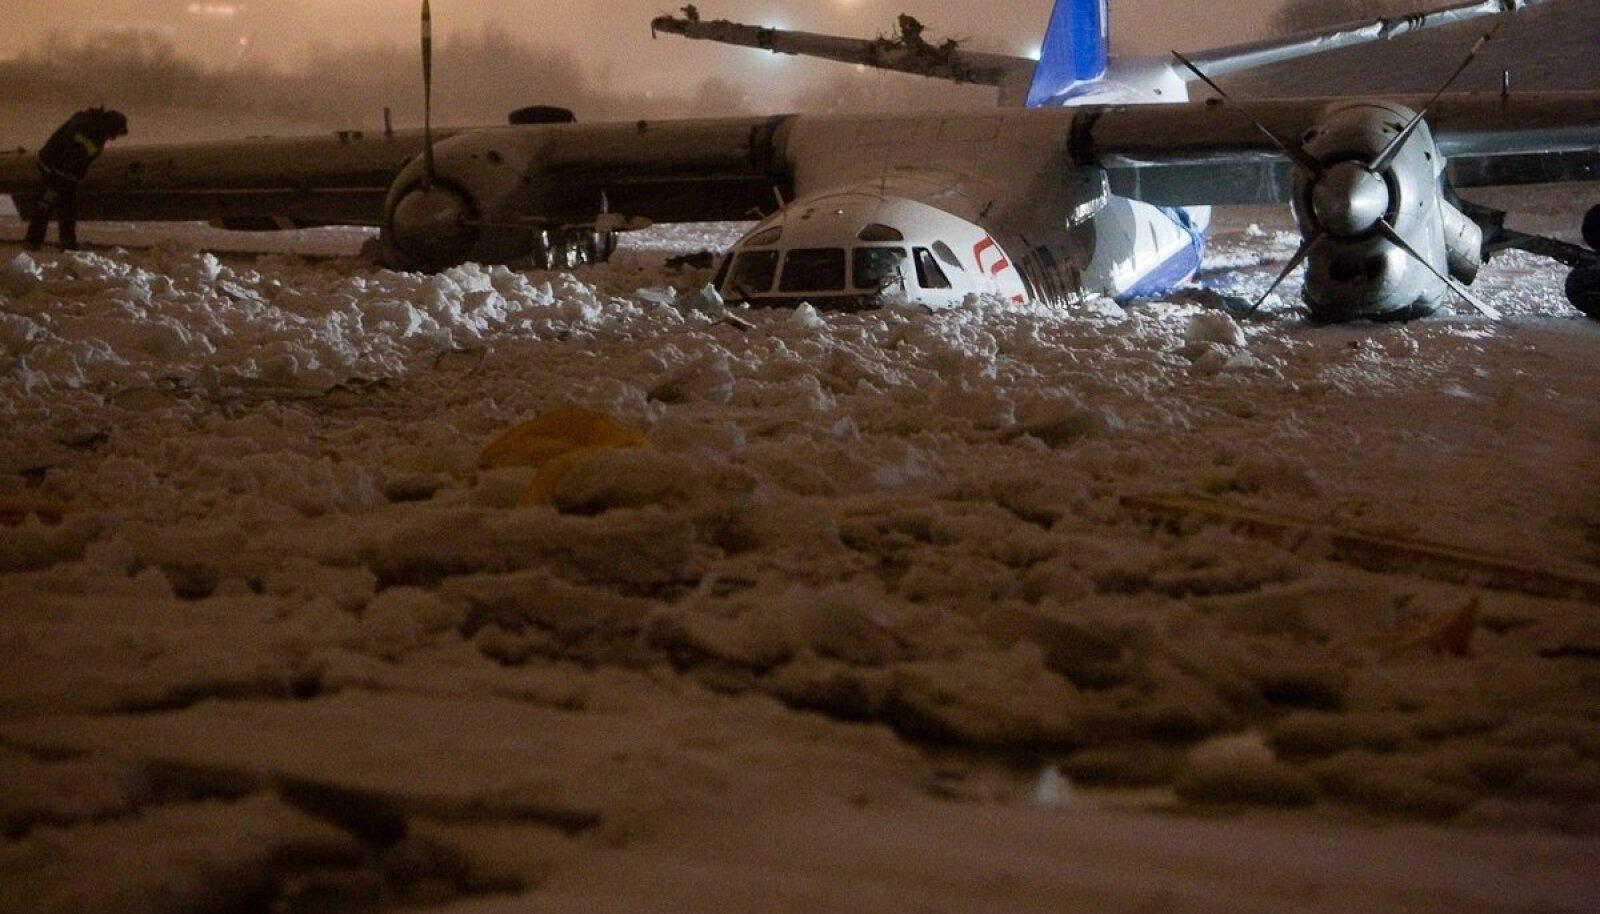 Poola kaubalennuki An-26 laskumine Ülemiste järve jääle 2010. aastal oli siiski õnnetusjuhtum.